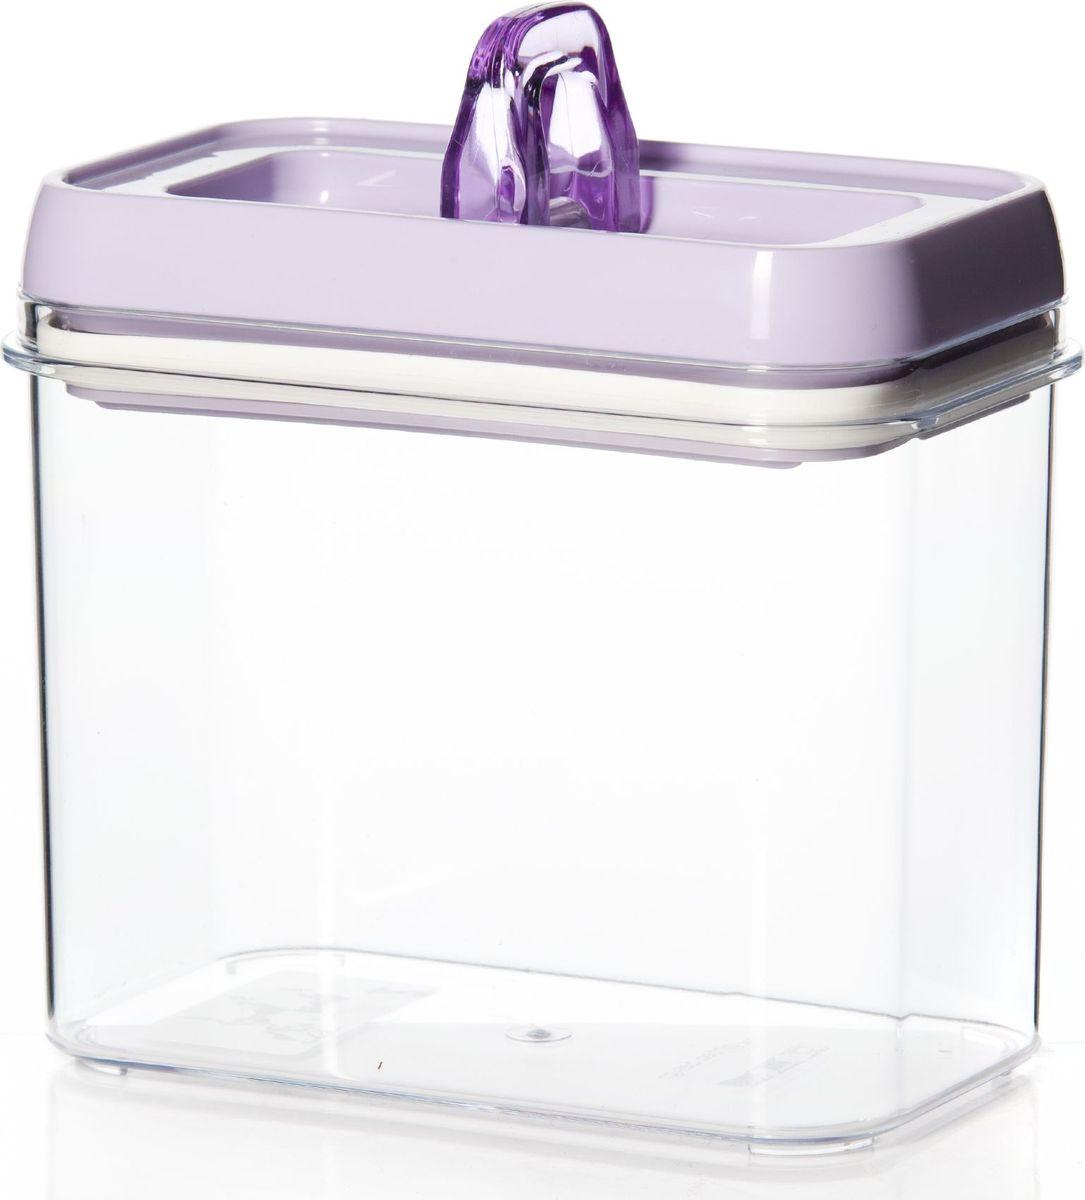 Контейнер для продуктов Herevin, 1,2 л. 161178-0333-2/COLORS_оранжевыйКонтейнер для продуктов Herevin изготовлен из качественного пищевого пластика без содержания BPA. Крышка плотно и герметично закрывается, поэтому продукты дольше остаются свежими. Прозрачные стенки позволяют видеть содержимое. Такой контейнер подойдет для использования дома, его можно взять с собой на работу, учебу, в поездку.